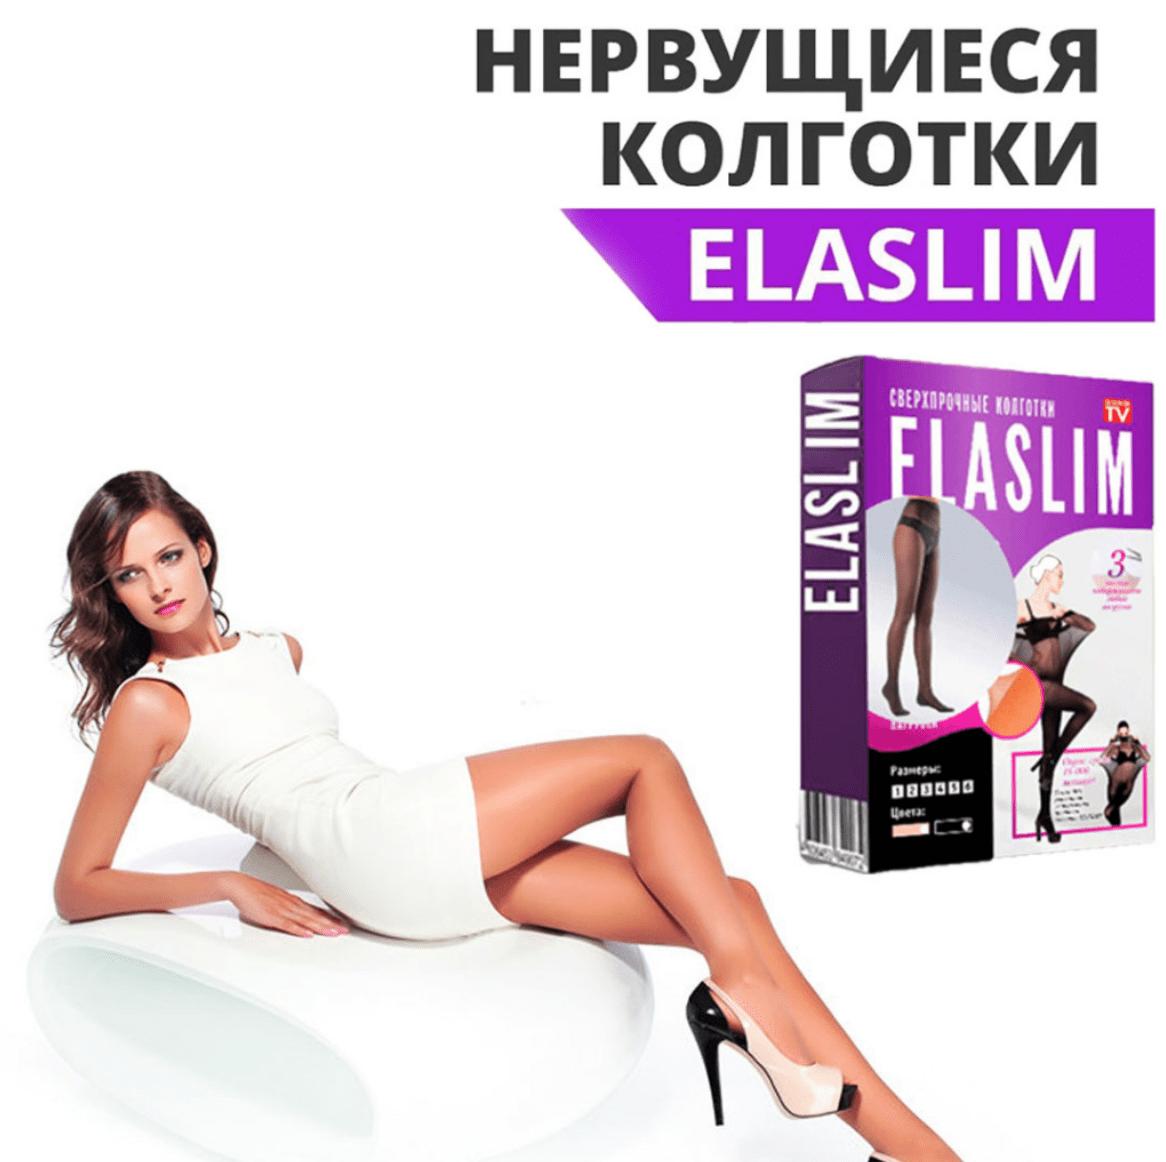 ElaSlim - нервущиеся колготки в Златоусте